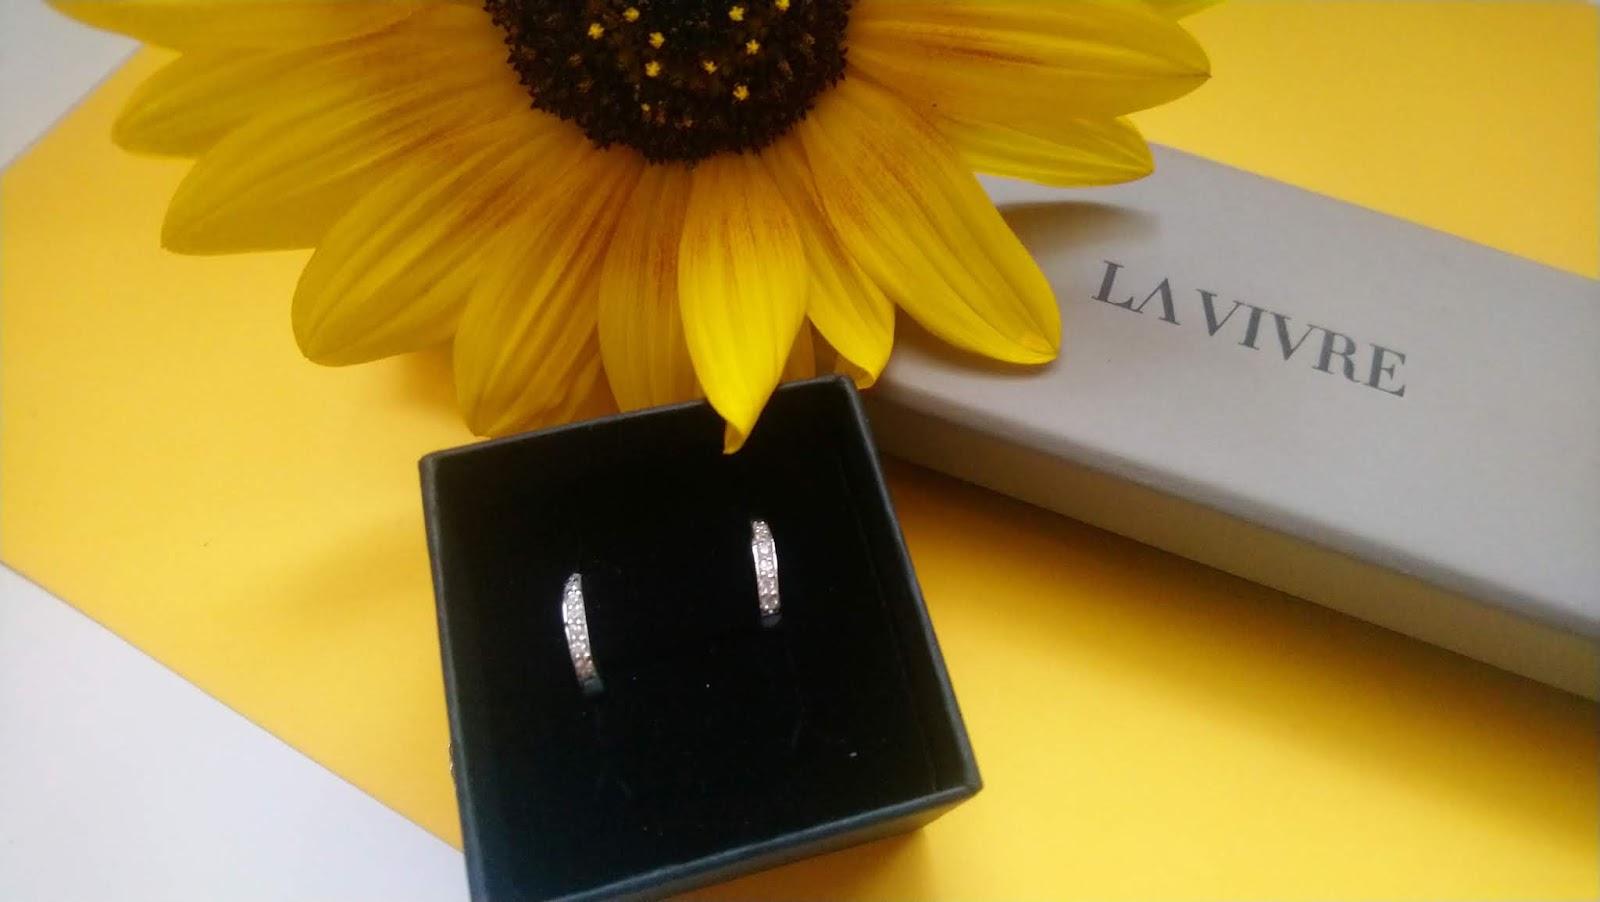 Srebrna biżuteria Lavivre - kolczyki uzupełnieniem stylizacji